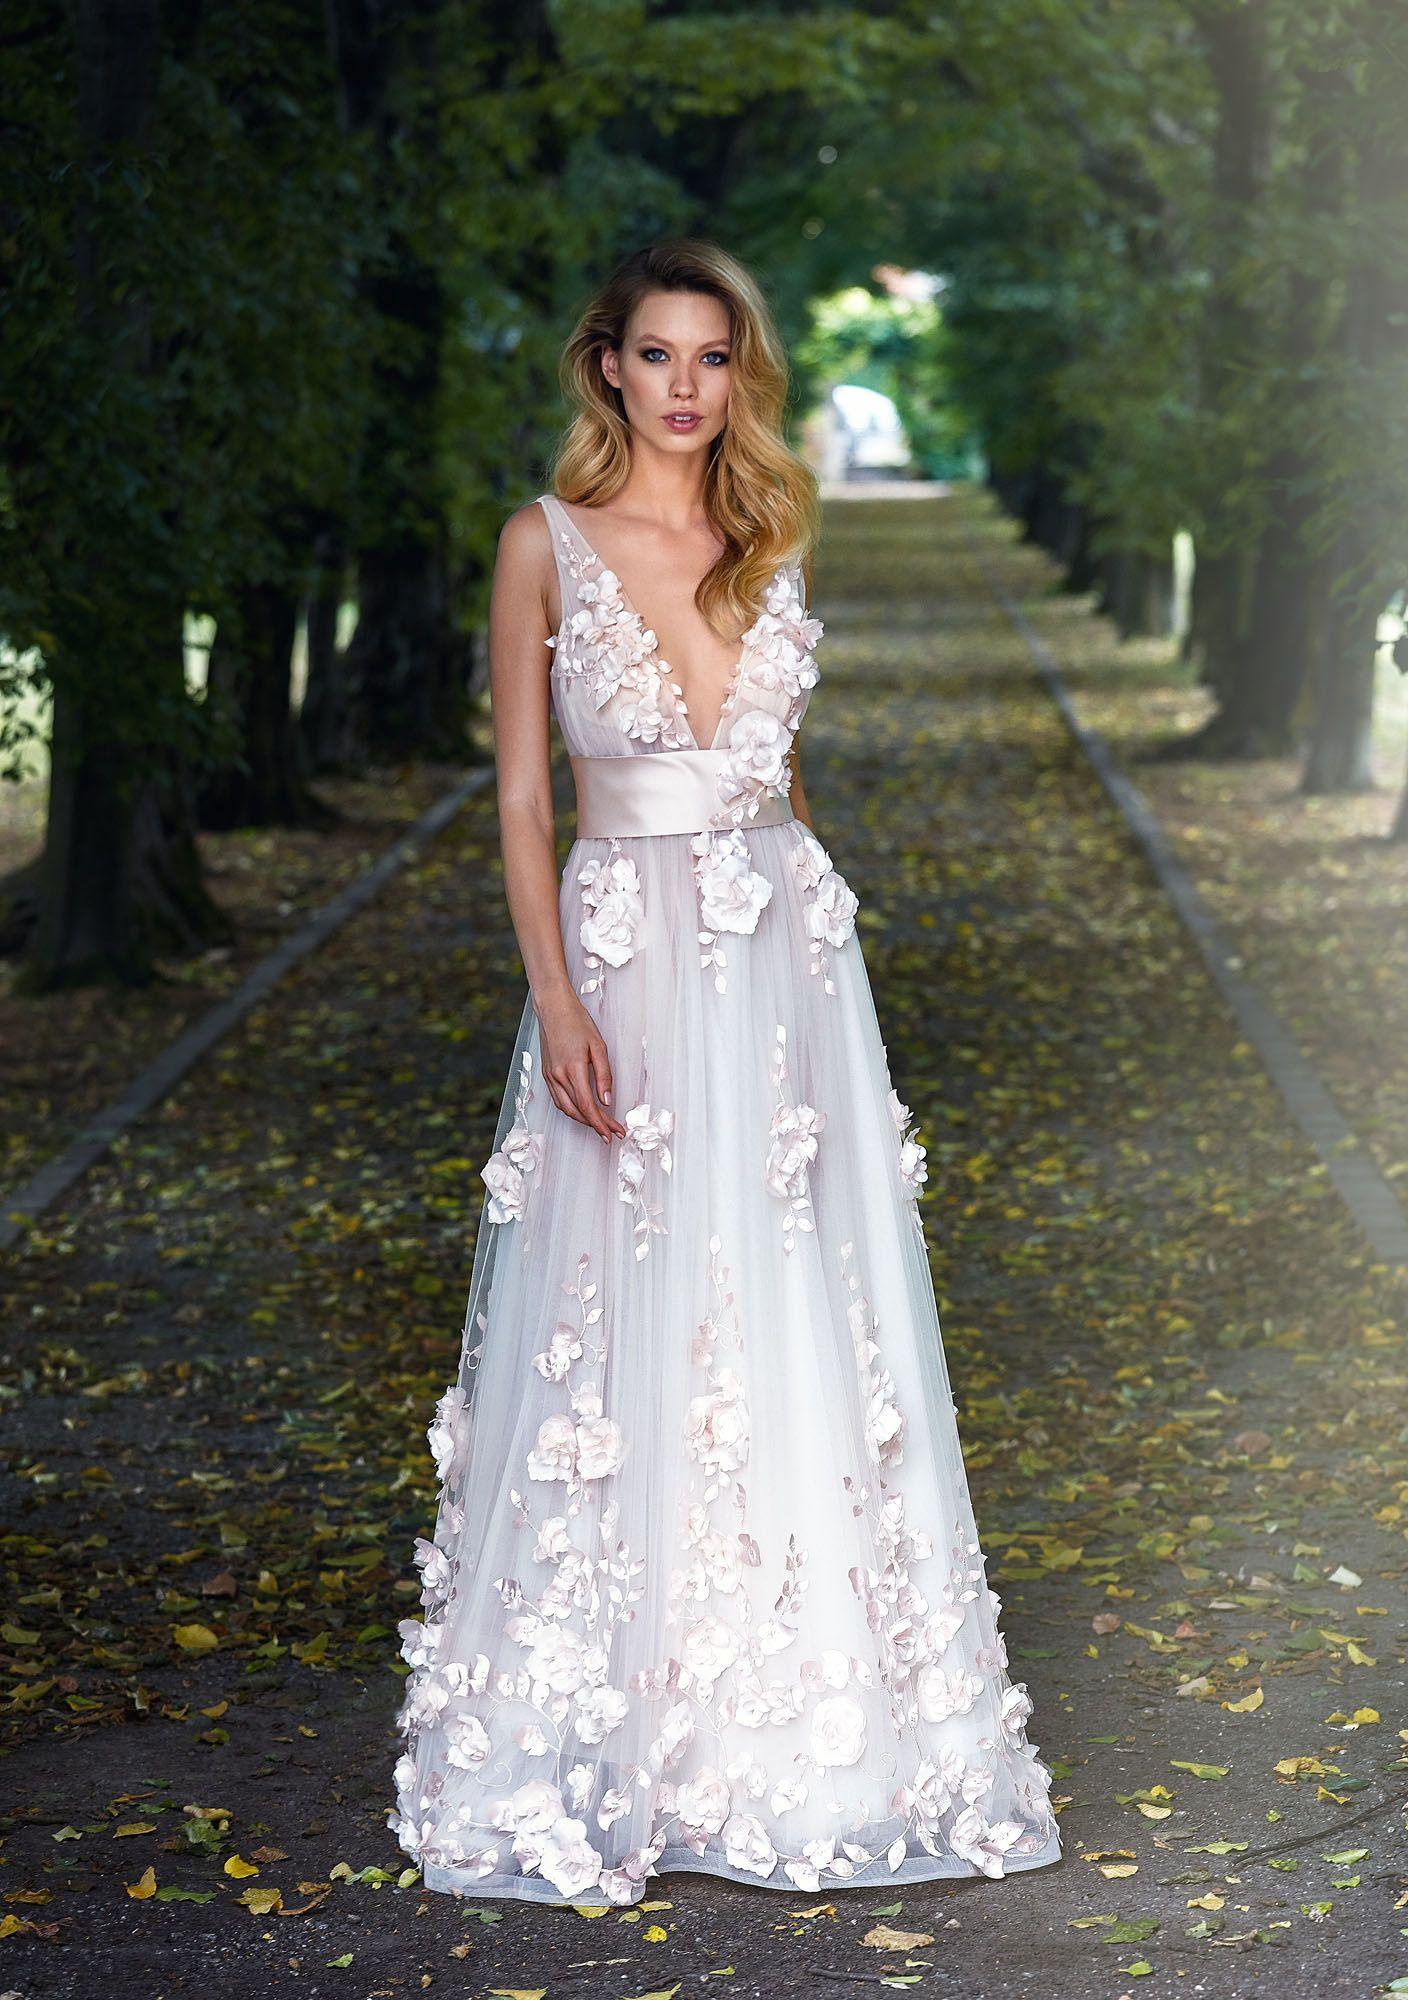 Abiti Da Sposa Fiori.Splendido Abito Da Sposa Haute Couture In Tulle Con Applicazioni